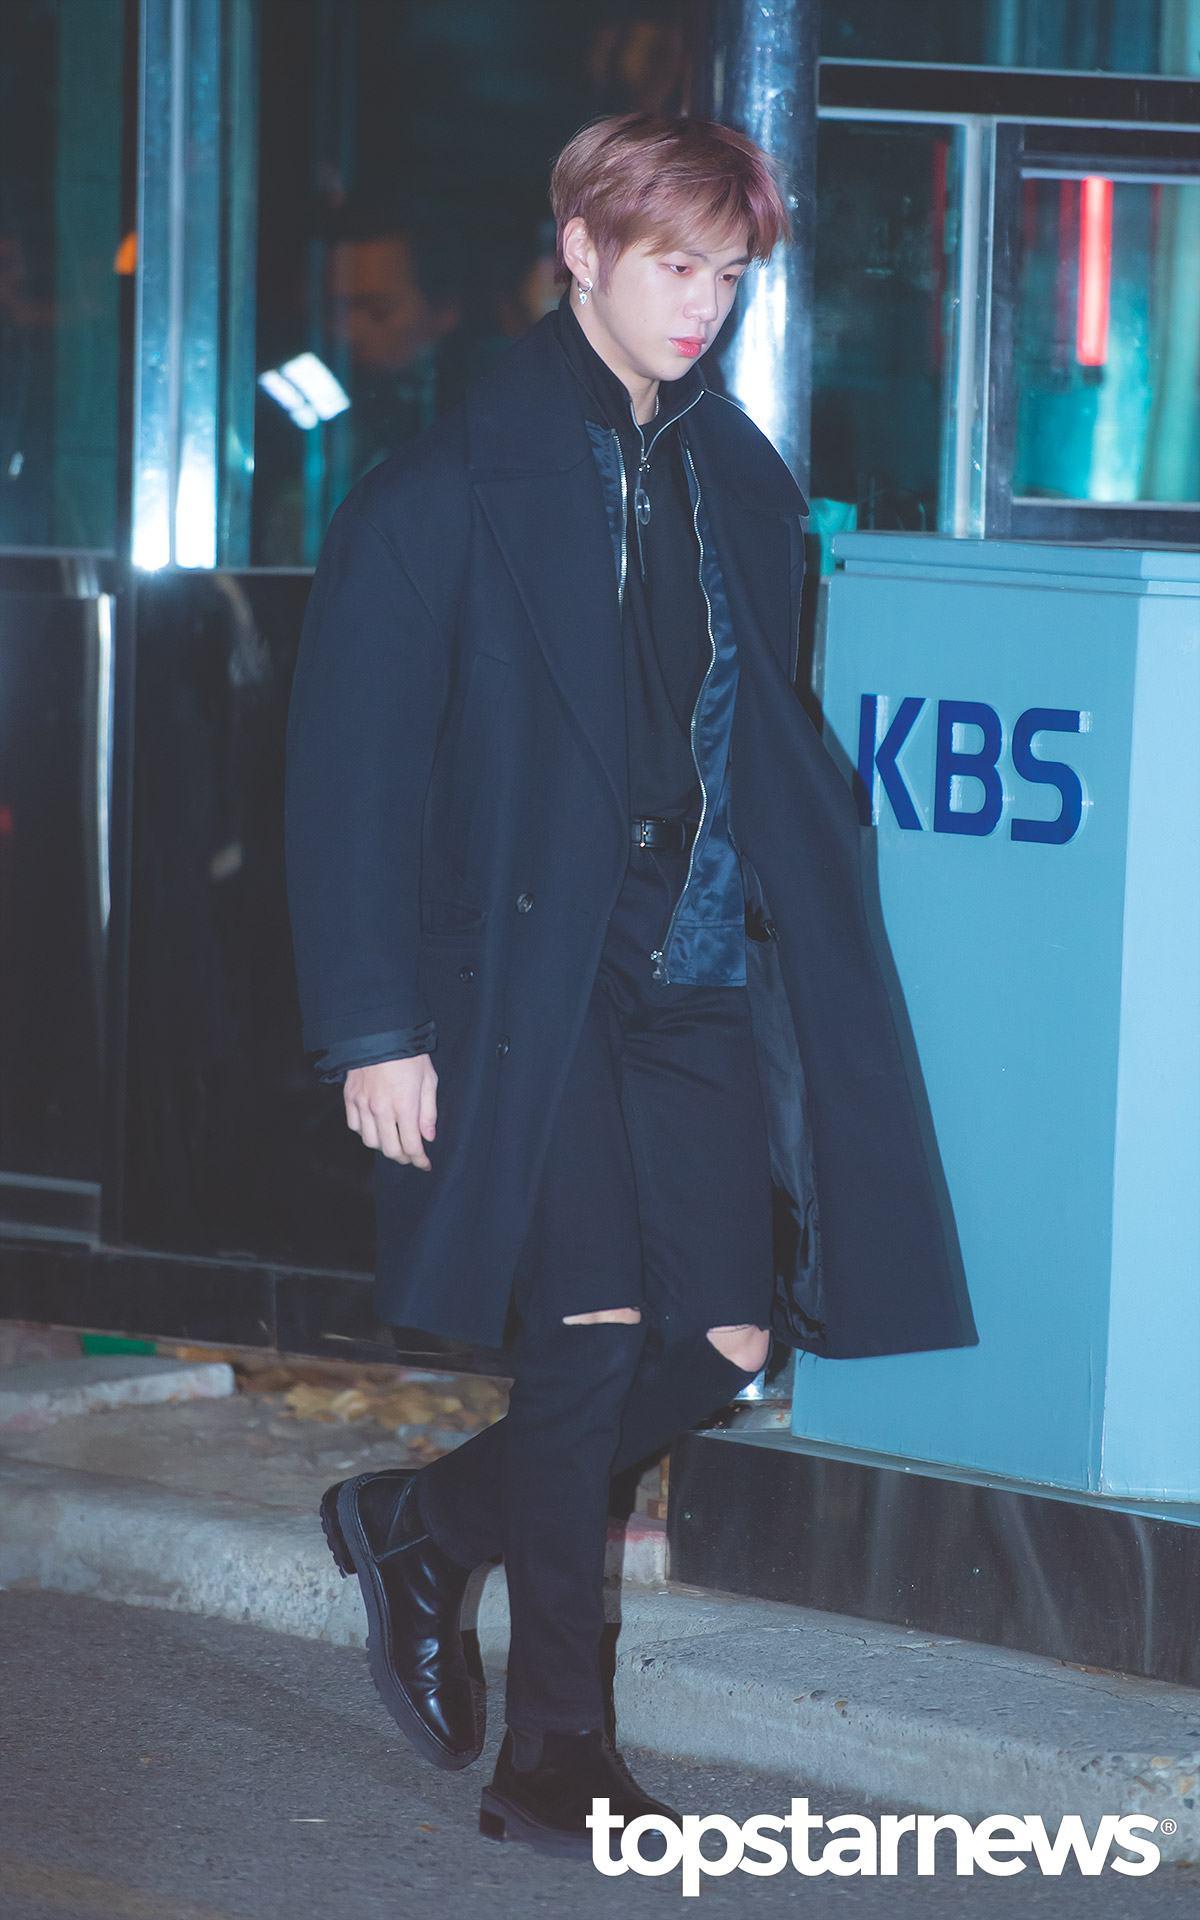 一身藍黑色系穿搭的姜丹尼爾則是在長大衣外套裡搭配一件飛行外套,不僅保暖也讓整體造型更有層次感!破褲搭配黑色的雀爾喜靴的混搭風格讓時尚與帥氣指數直接暴表!(這位哥哥也是來走秀的吧XD